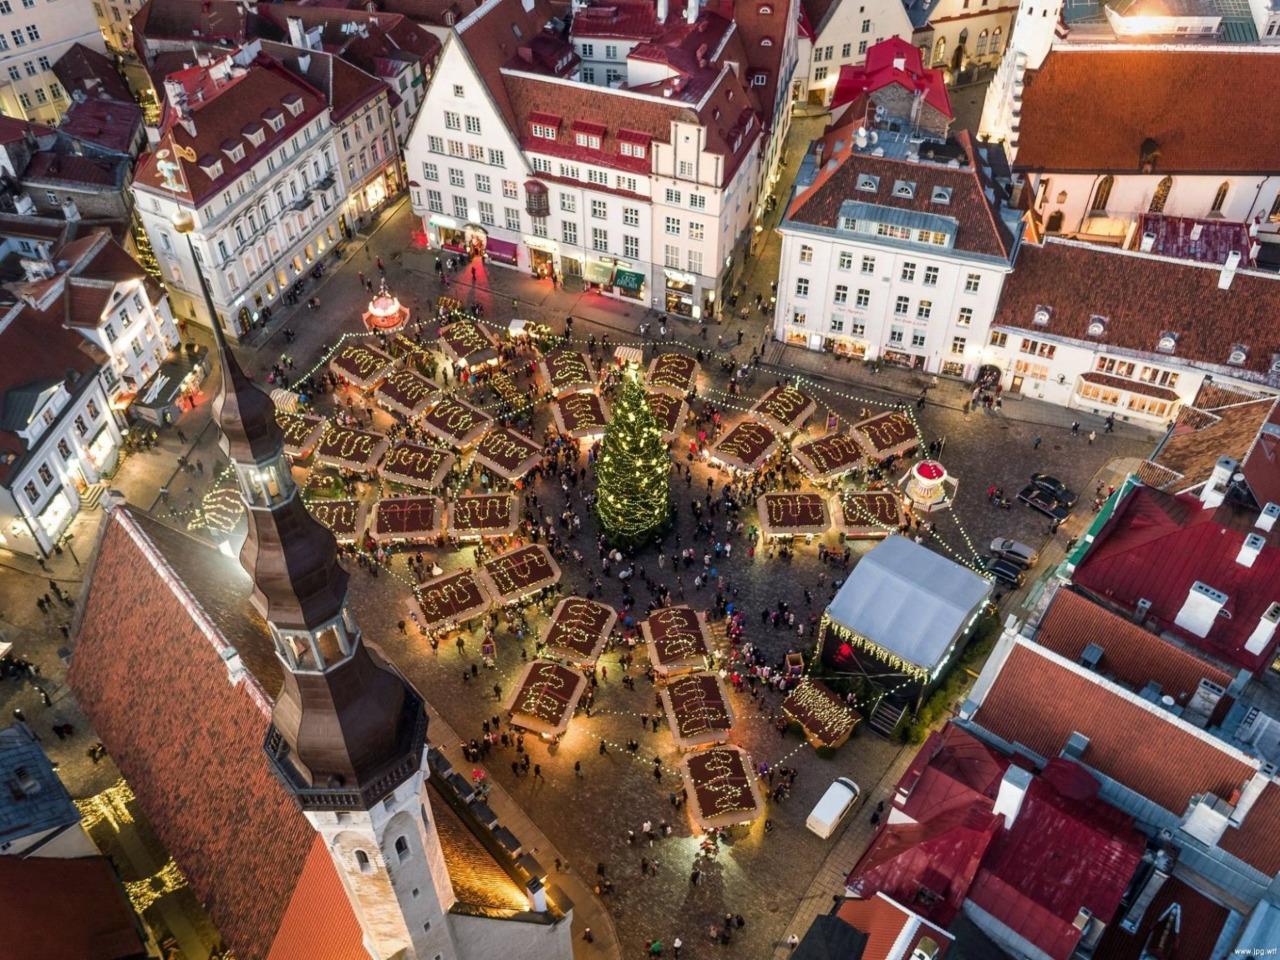 Аромат Средневековья: шпили и готика Таллина - индивидуальная экскурсия в Таллине от опытного гида